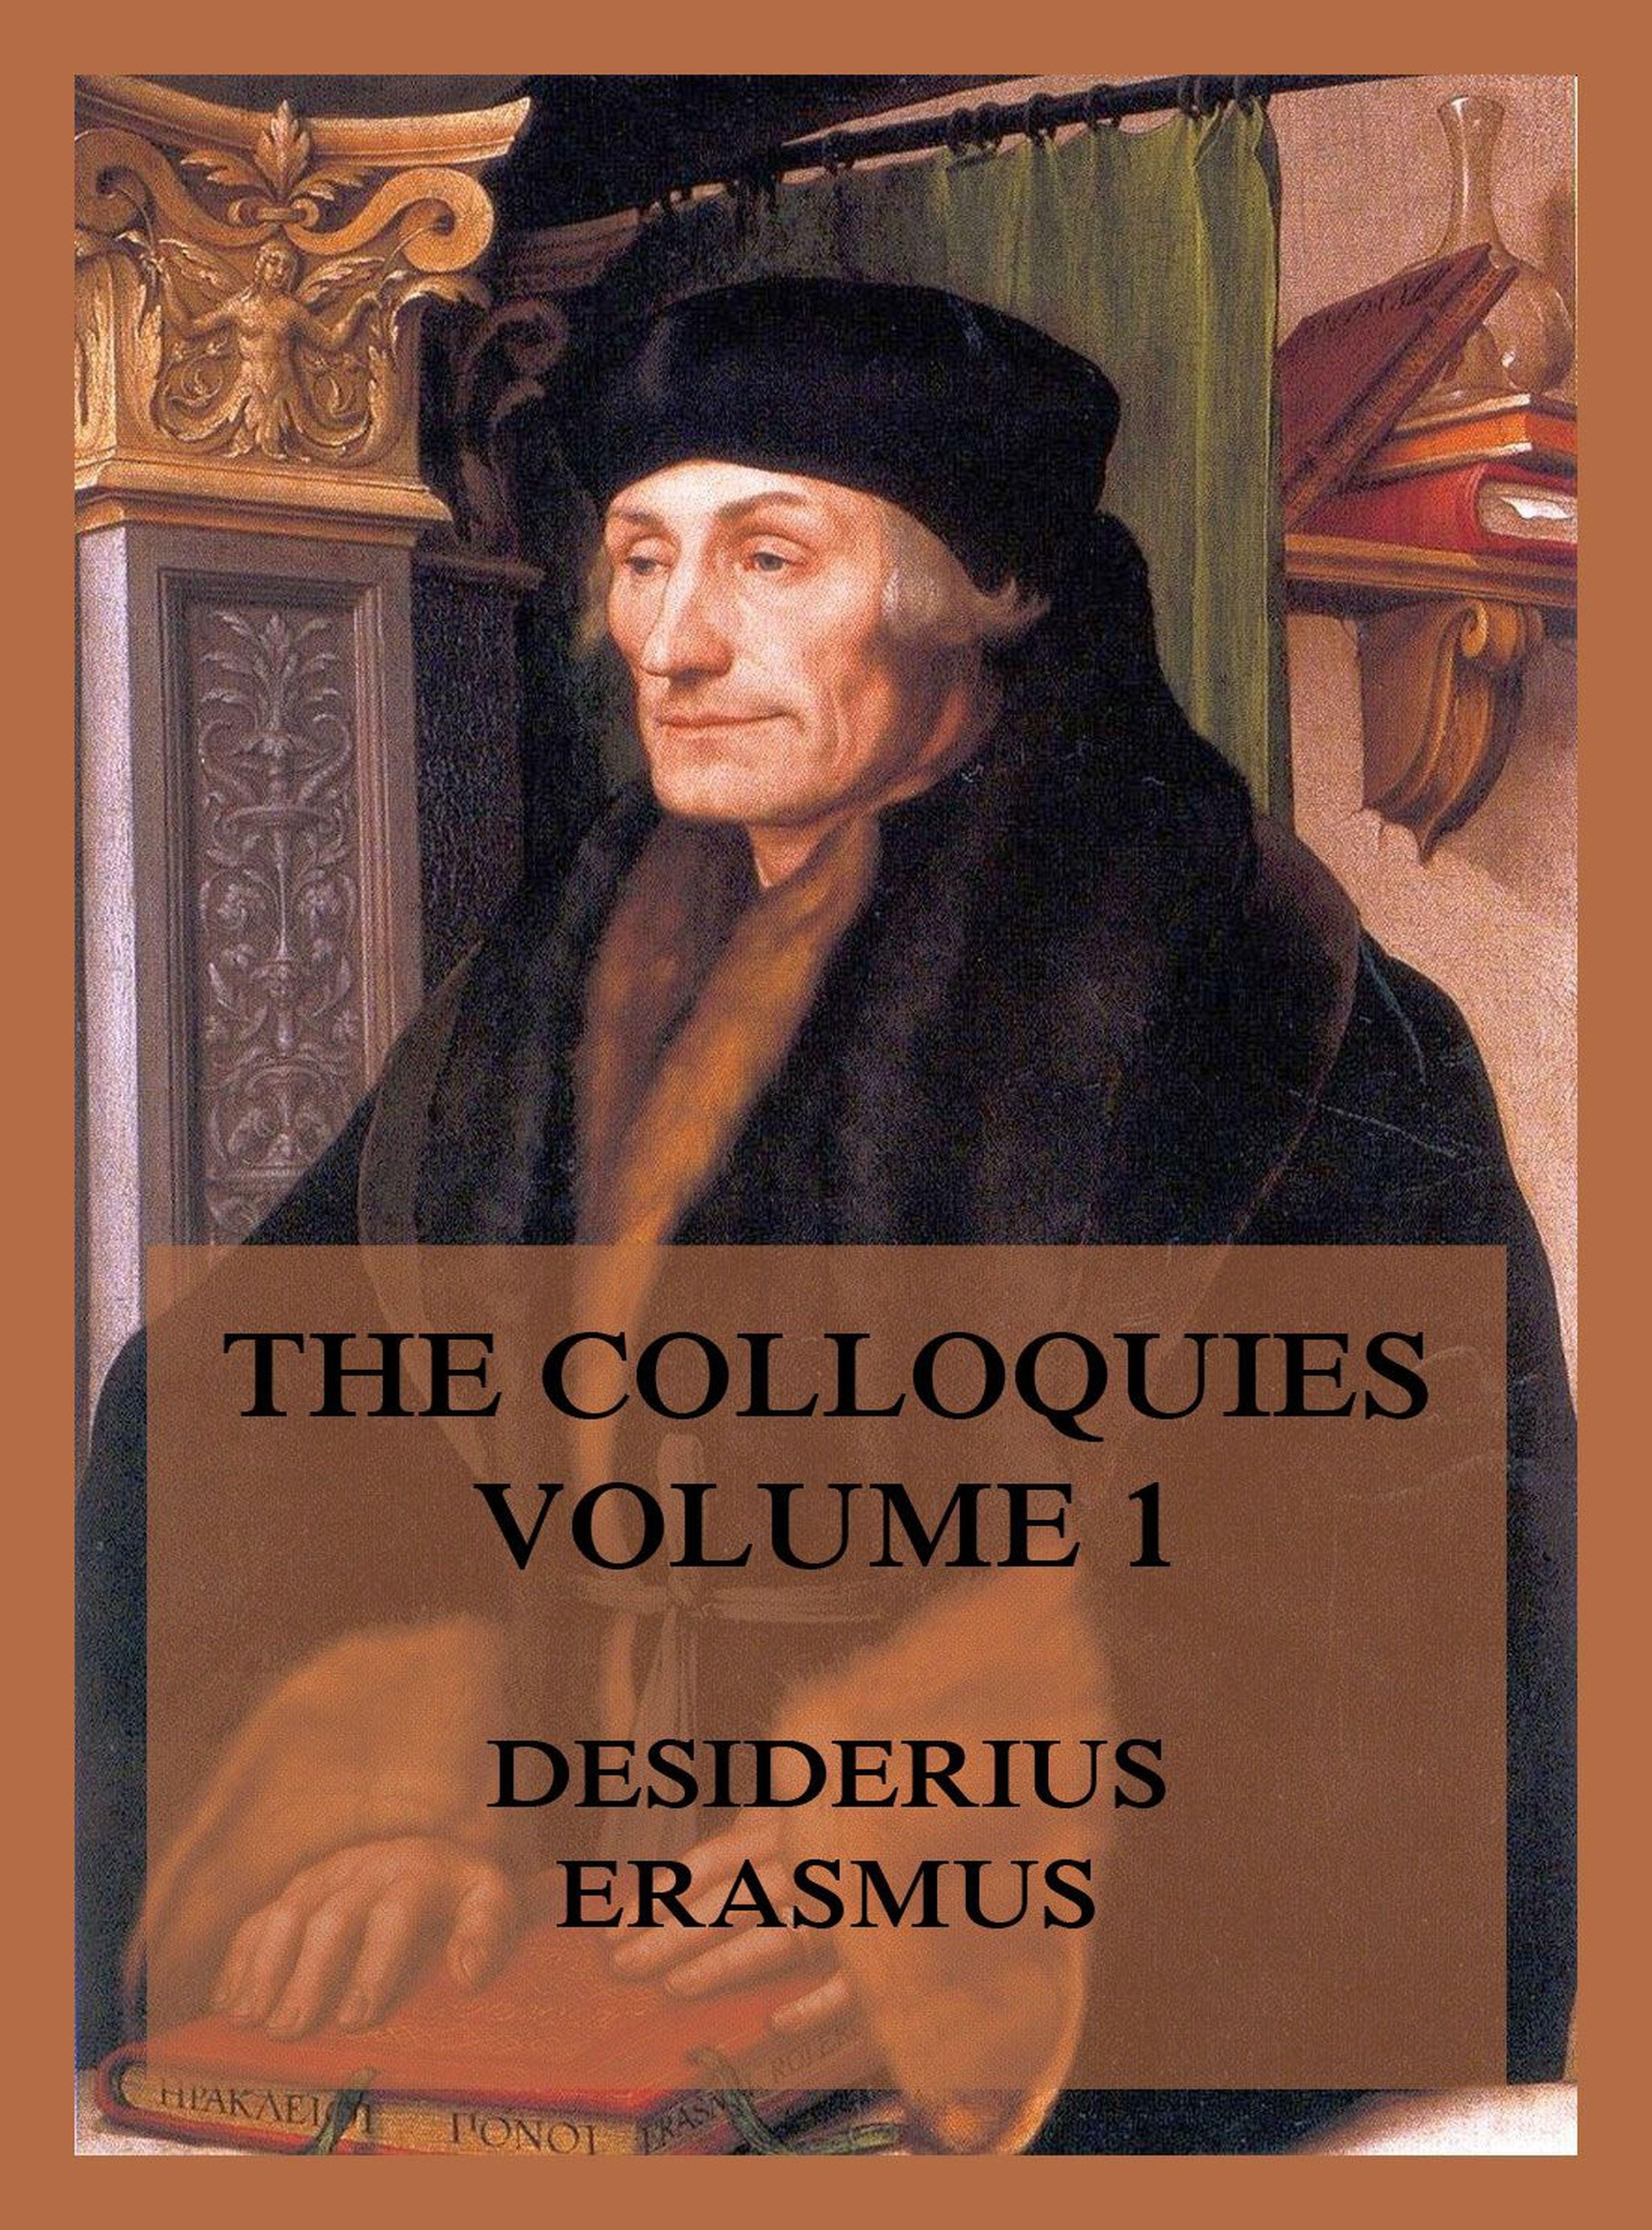 Desiderius Erasmus The Colloquies, Volume 1